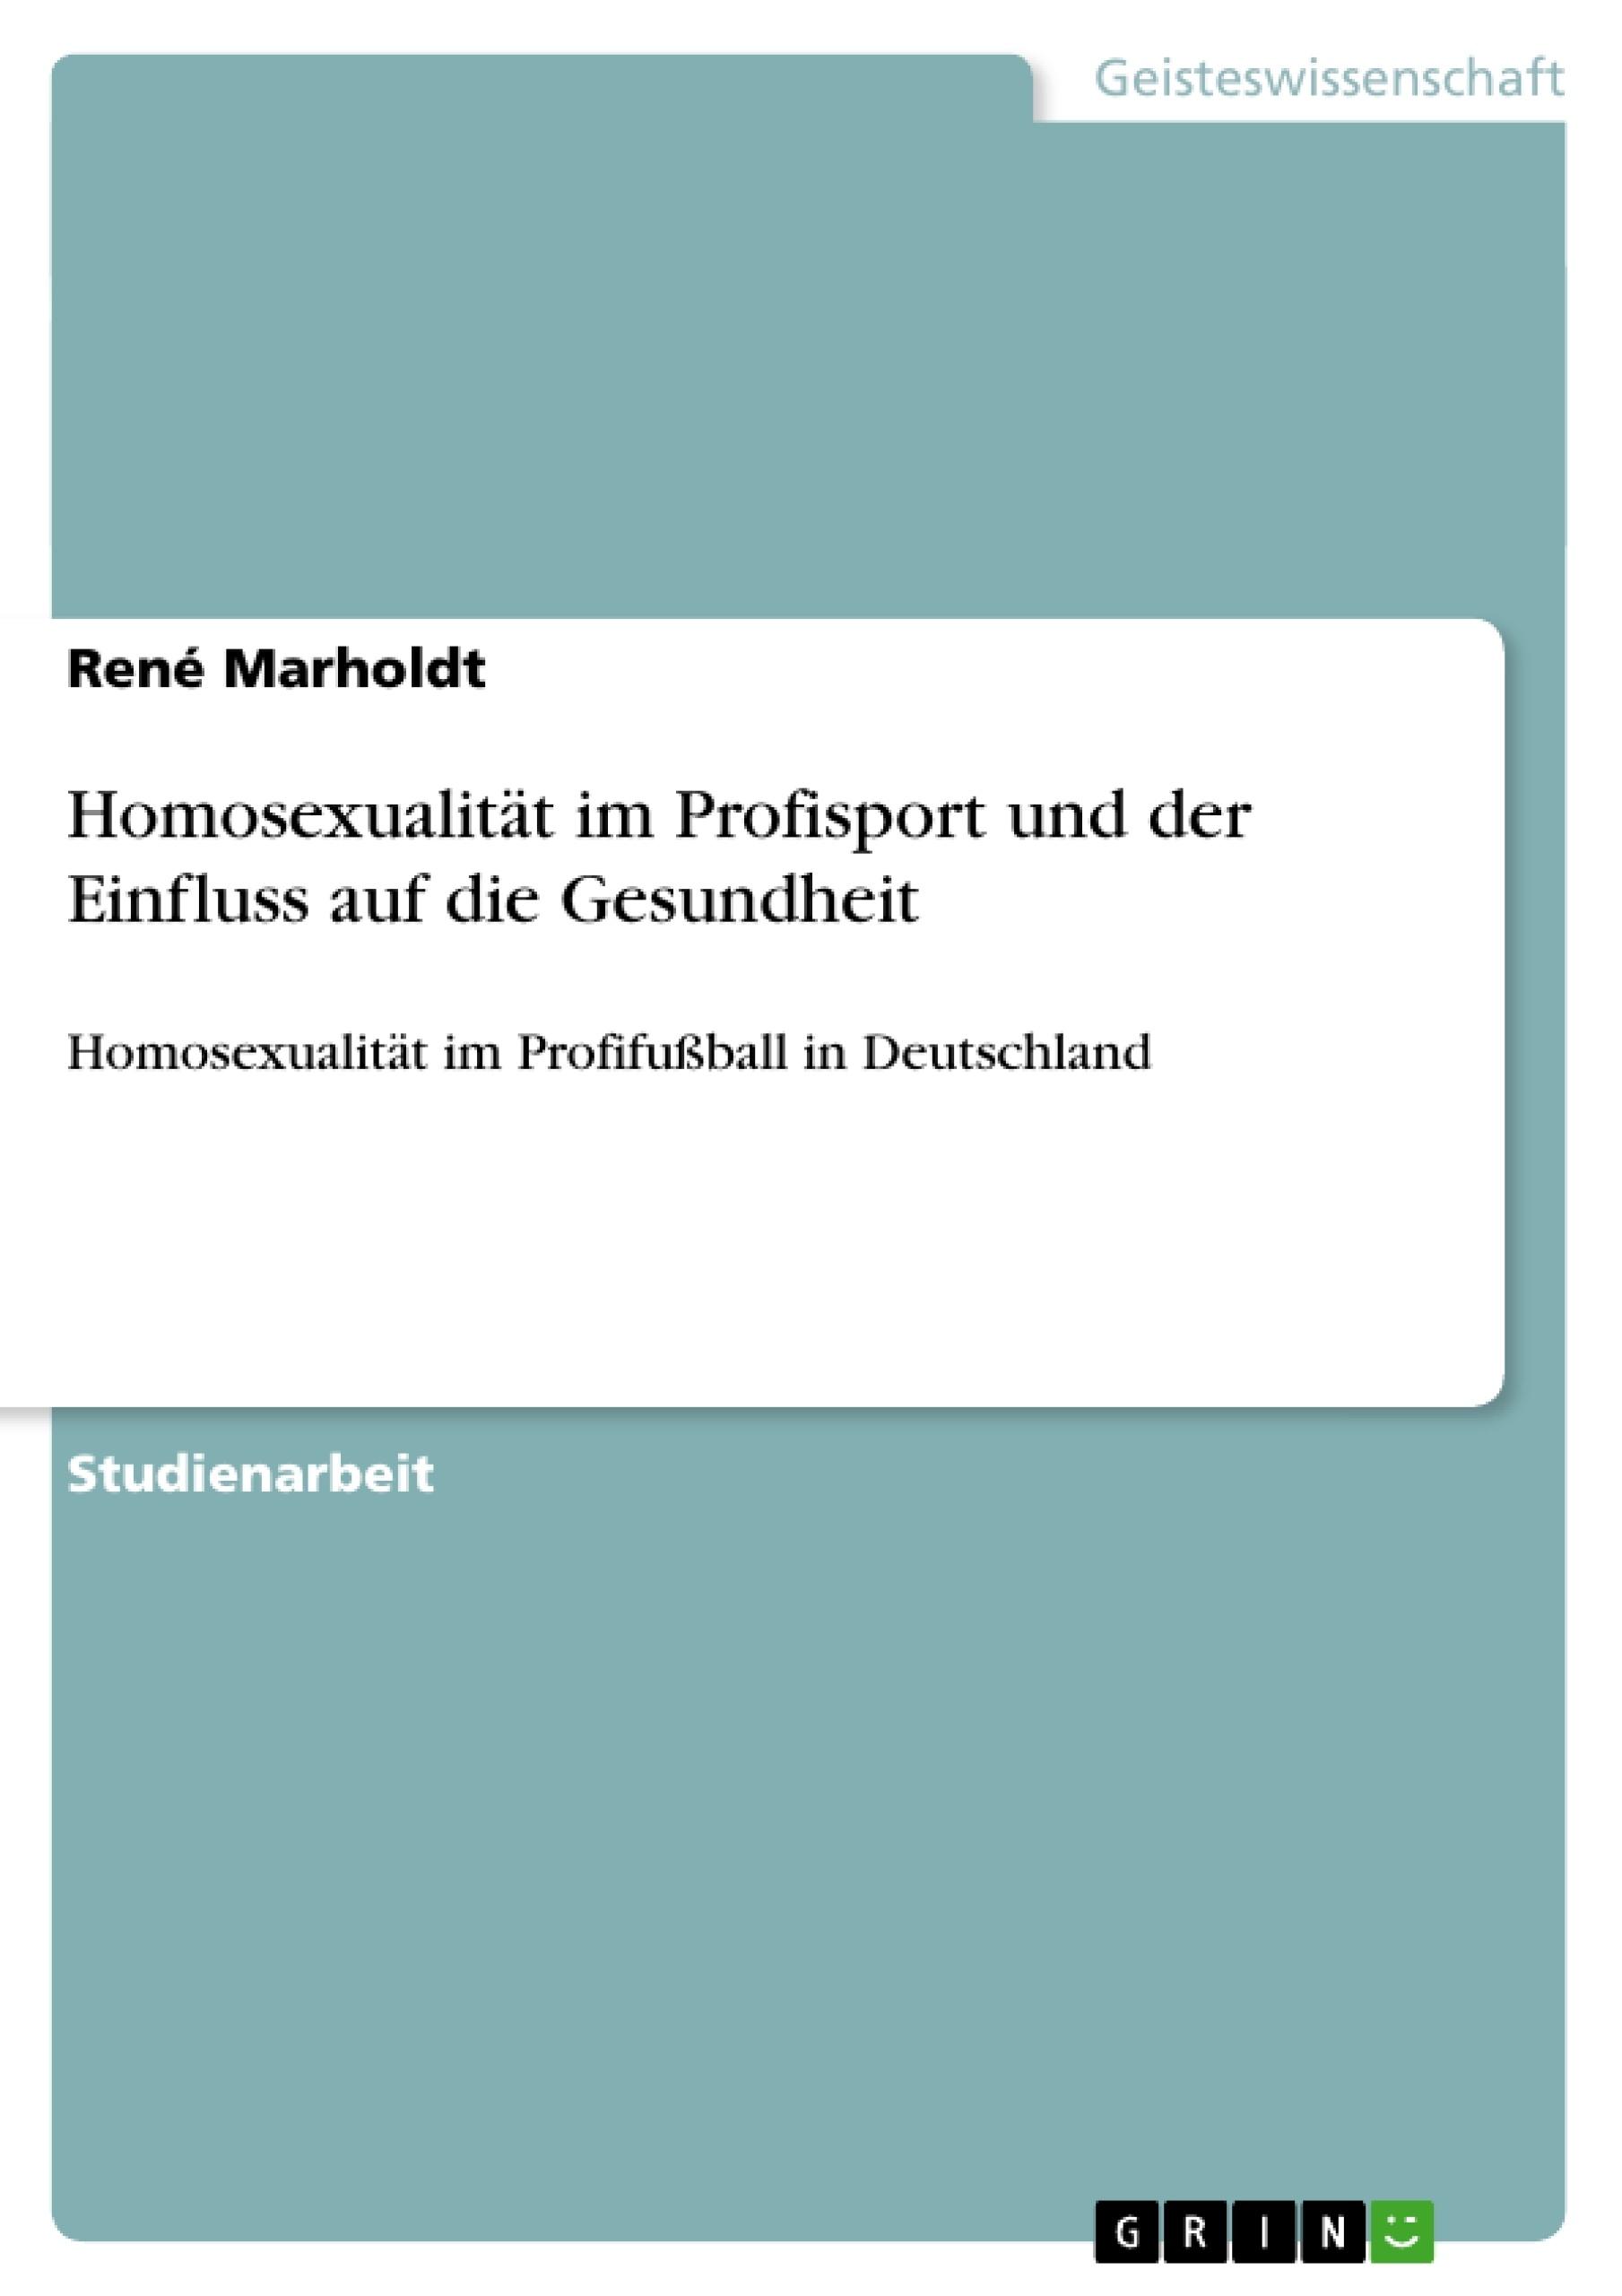 Titel: Homosexualität im Profisport und der Einfluss auf die Gesundheit